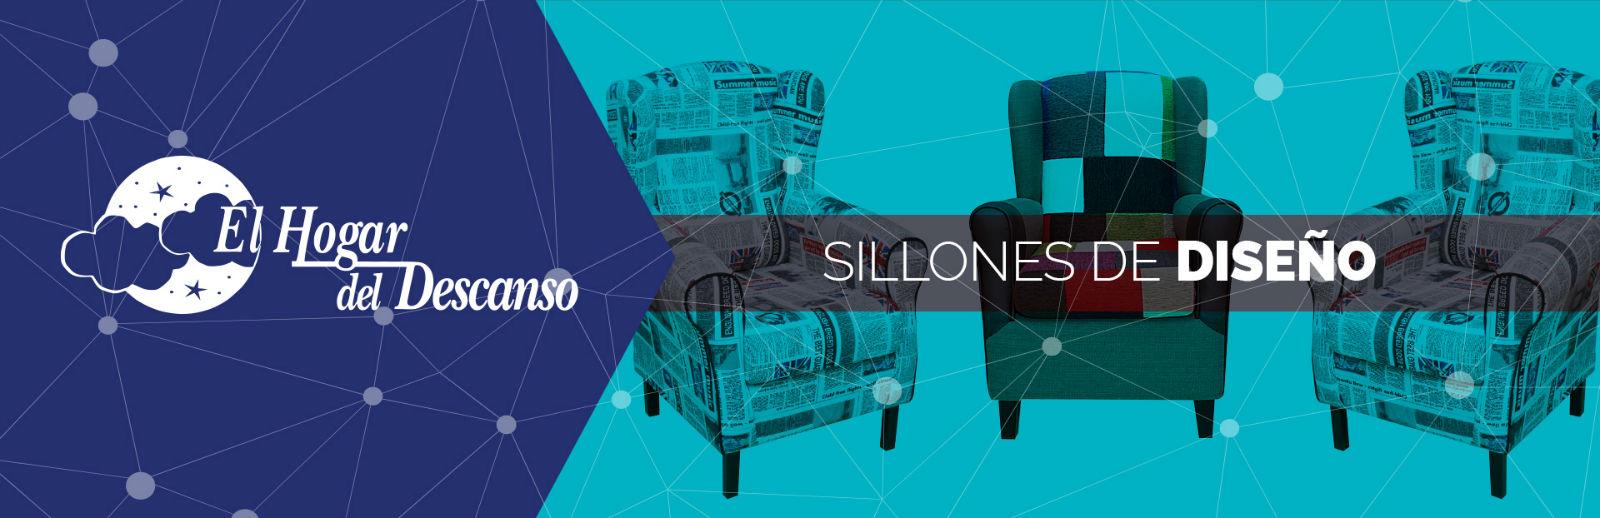 Sillones de dise o sillones modernos tiendas de sillones for Todo el diseno del hogar